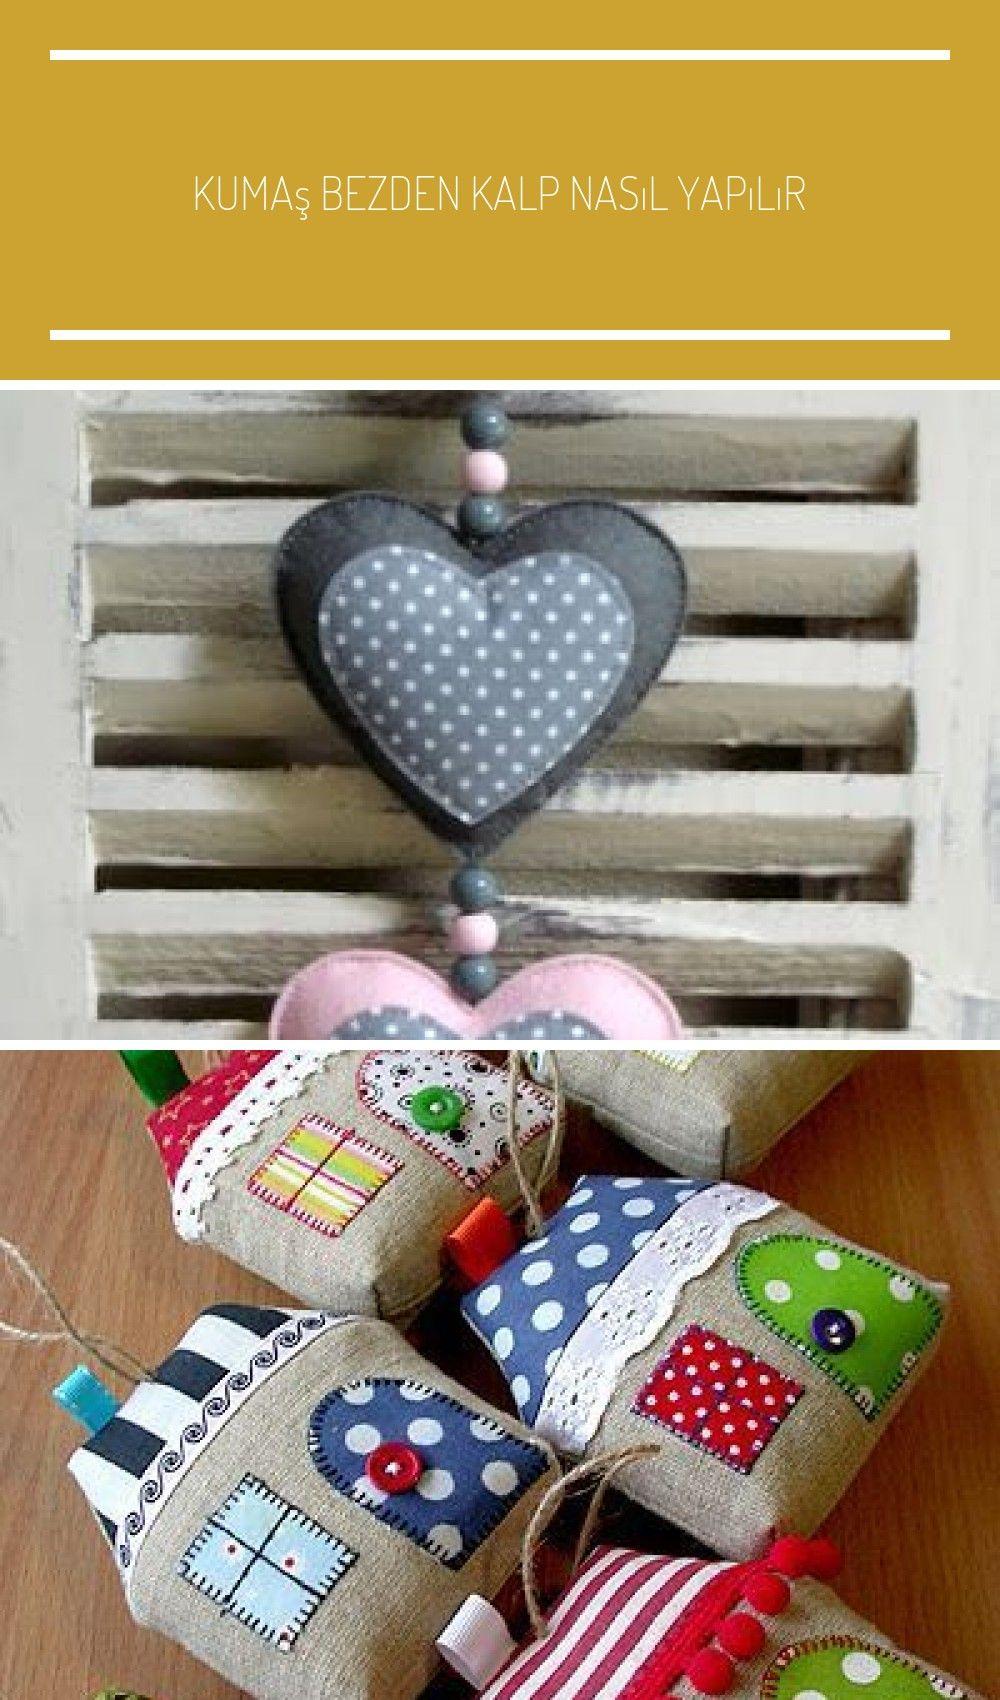 Kumaş Bezden Kalp Nasıl Yapılır   Bir çok süslemede kullanacağınız bezden kalp yapımını paylaşıyoruz Sizlere nasıl bir süslemede kullanabileceğinize dair...